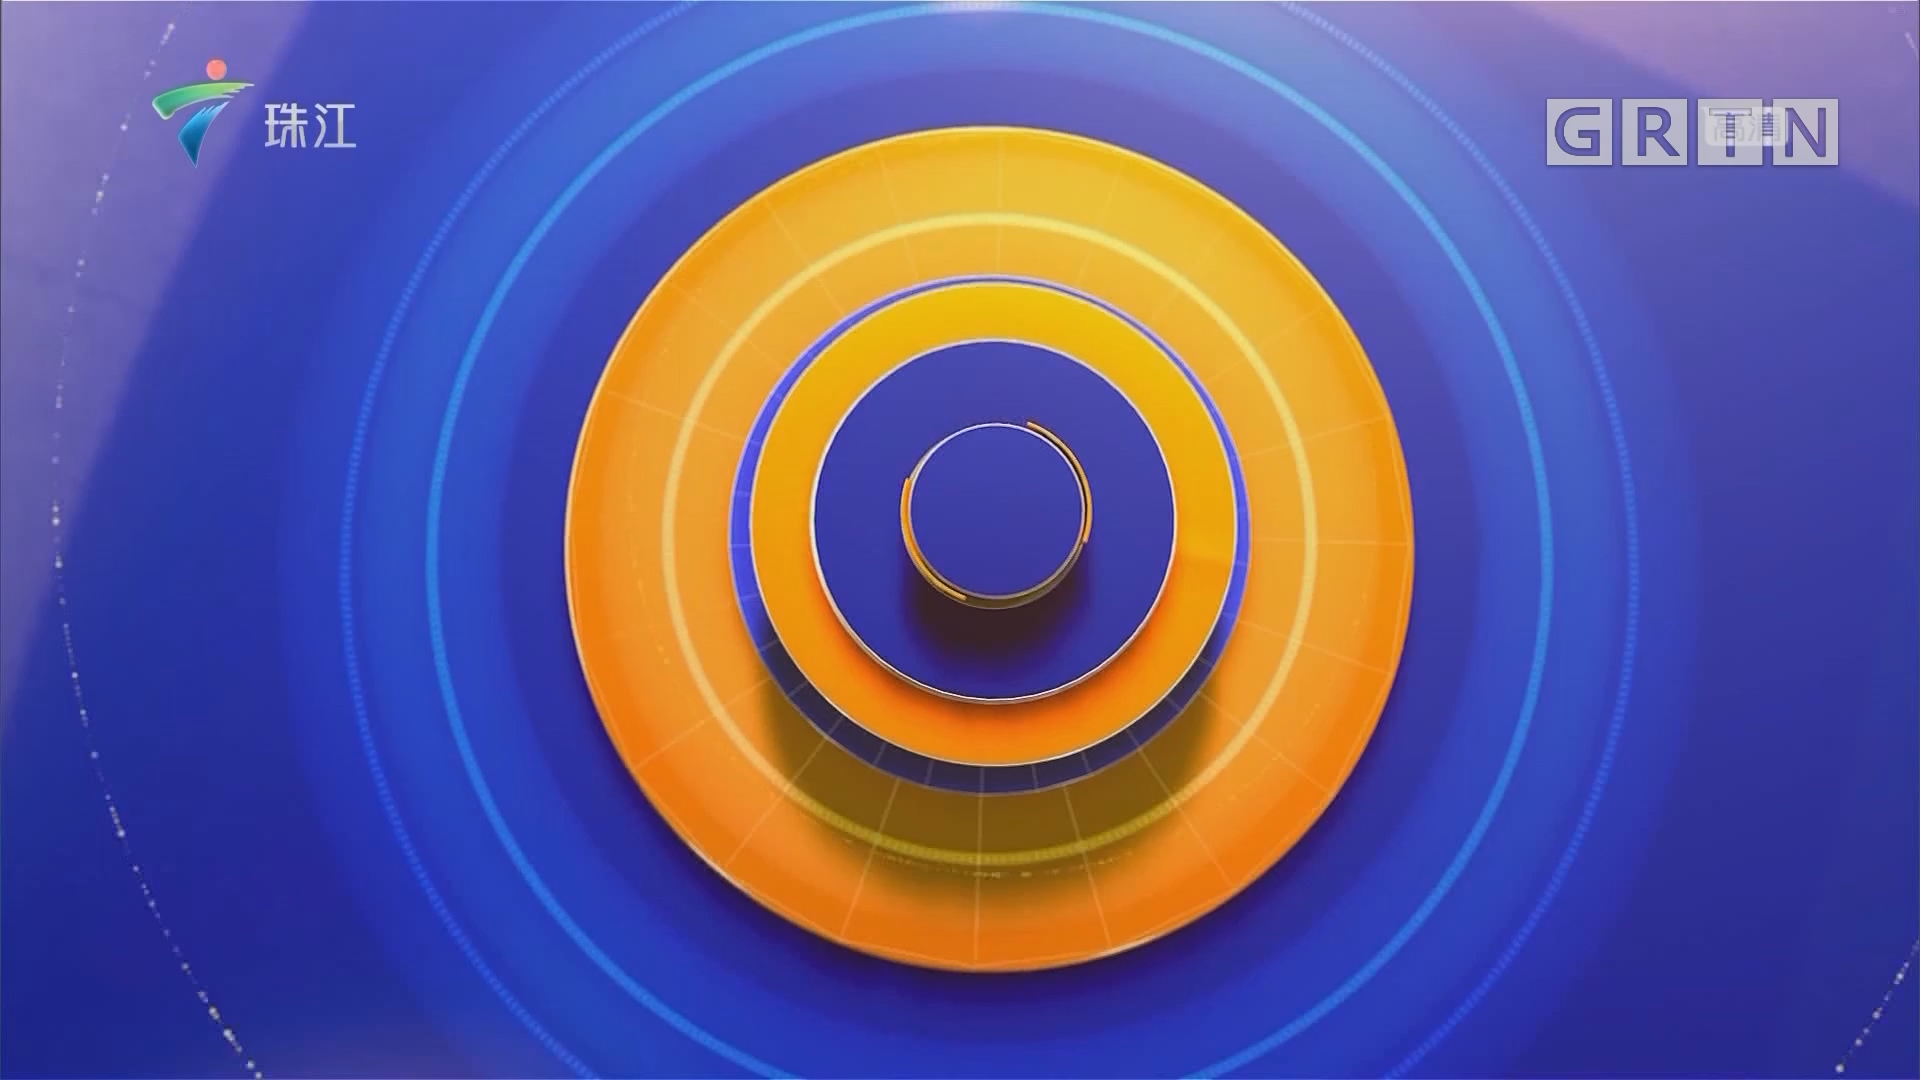 [HD][2019-08-26]今日财经:媒体与企业强化交流 力求融合发展